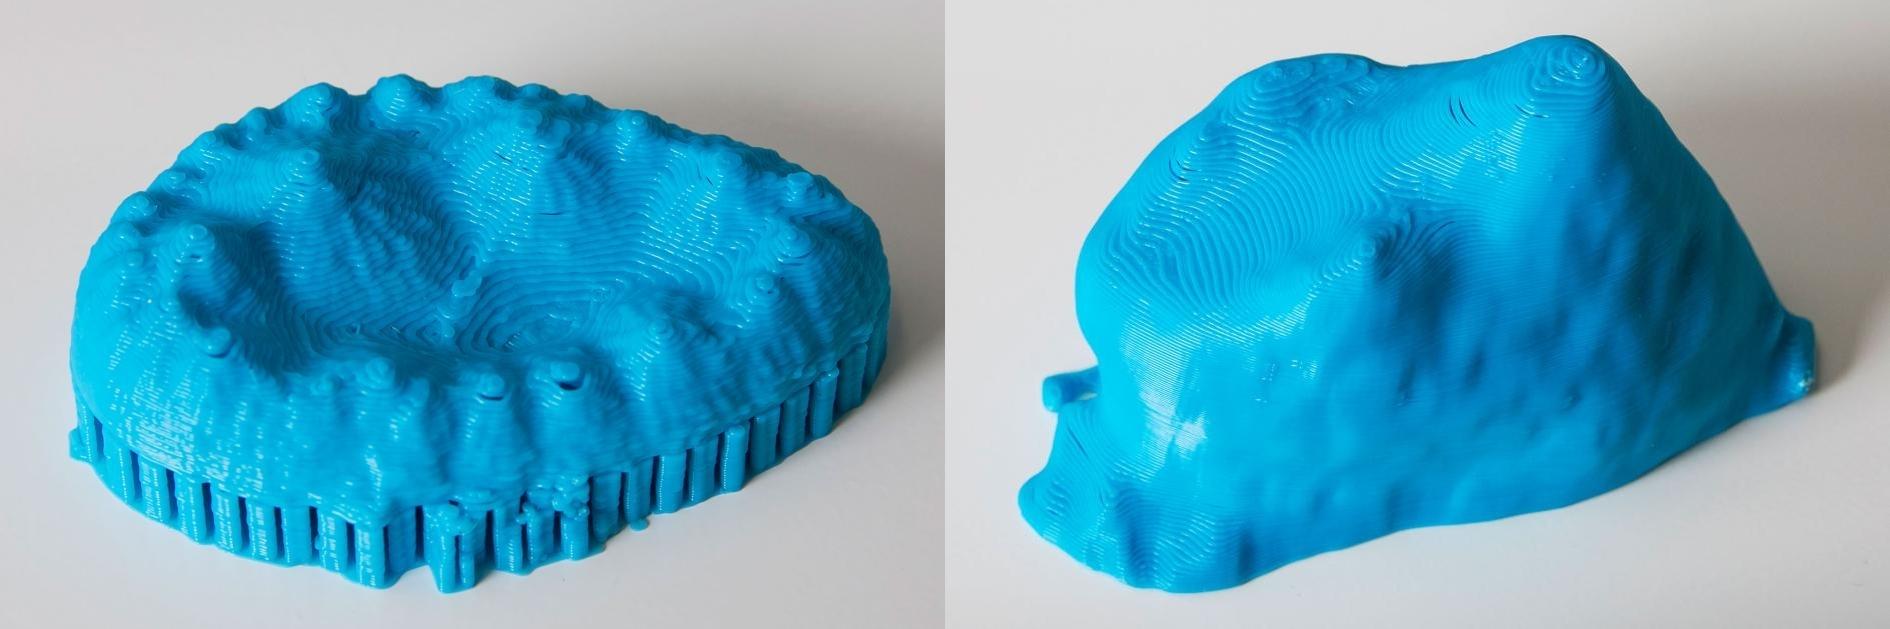 這對3D列印模型展示出兩種已滅絕鱷魚表親的牙齒複雜形狀。這些形狀顯示這些久遠以前的鱷魚吃素。 PHOTOGRAPH BY MARK JOHNSTON, NHMU